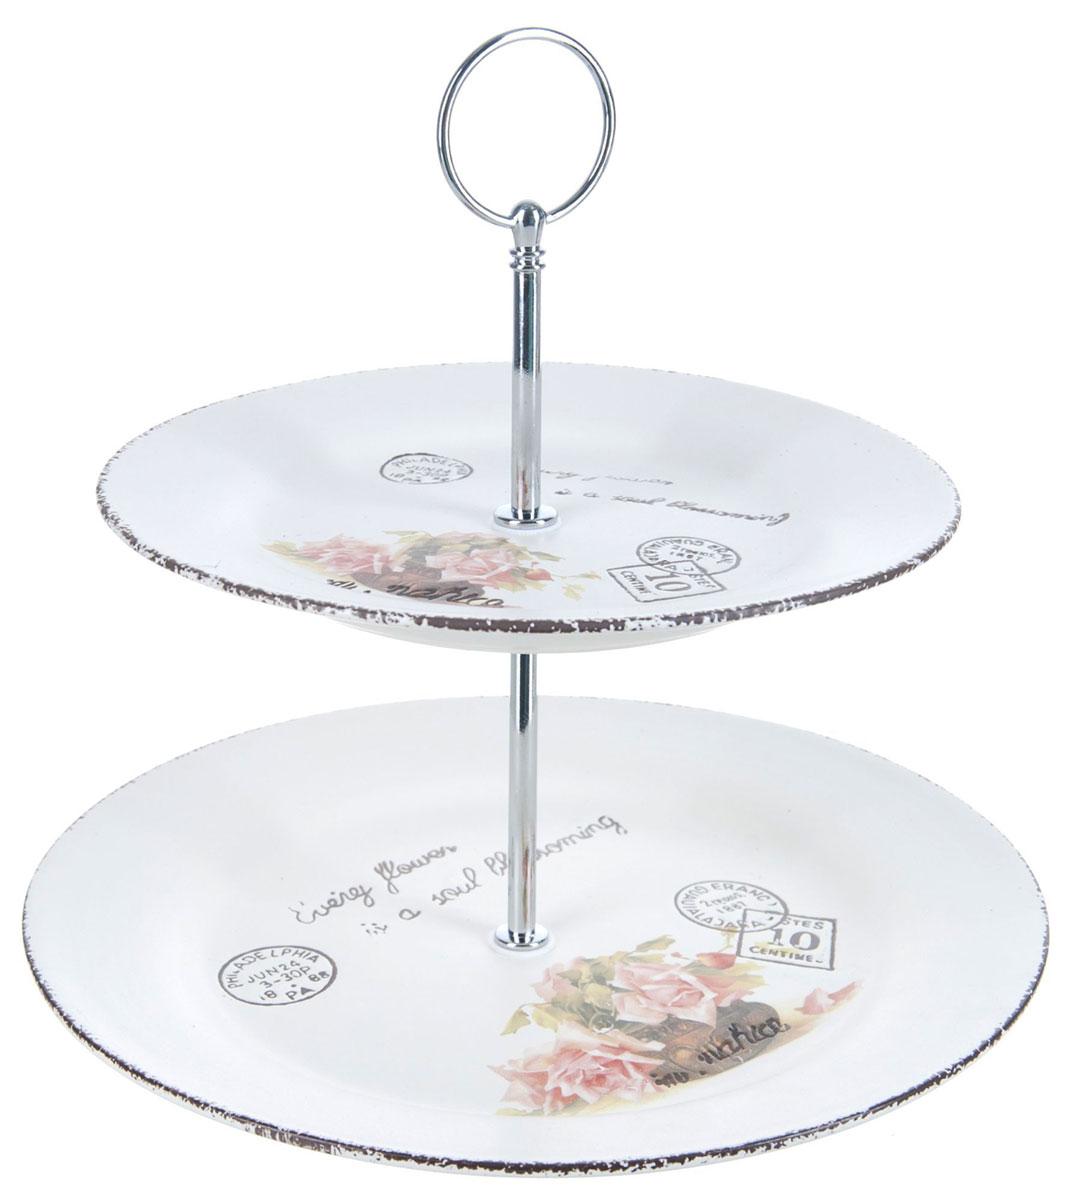 Ваза для фруктов ENS Group Чайная роза, двухъярусная. 17501661750166Двухъярусная ваза ENS Group Чайная роза, выполненная из доломитовой керамики, сочетает в себе изысканный дизайн с максимальной функциональностью. Блюда вазы украшены цветочным рисунком. Изделие предназначено для красивой сервировки фруктов. Такая ваза для фруктов придется по вкусу и ценителям классики, и тем, кто предпочитает утонченность и изящность. Ваза для фруктов украсит сервировку вашего стола и подчеркнет прекрасный вкус хозяина, а также станет отличным подарком.